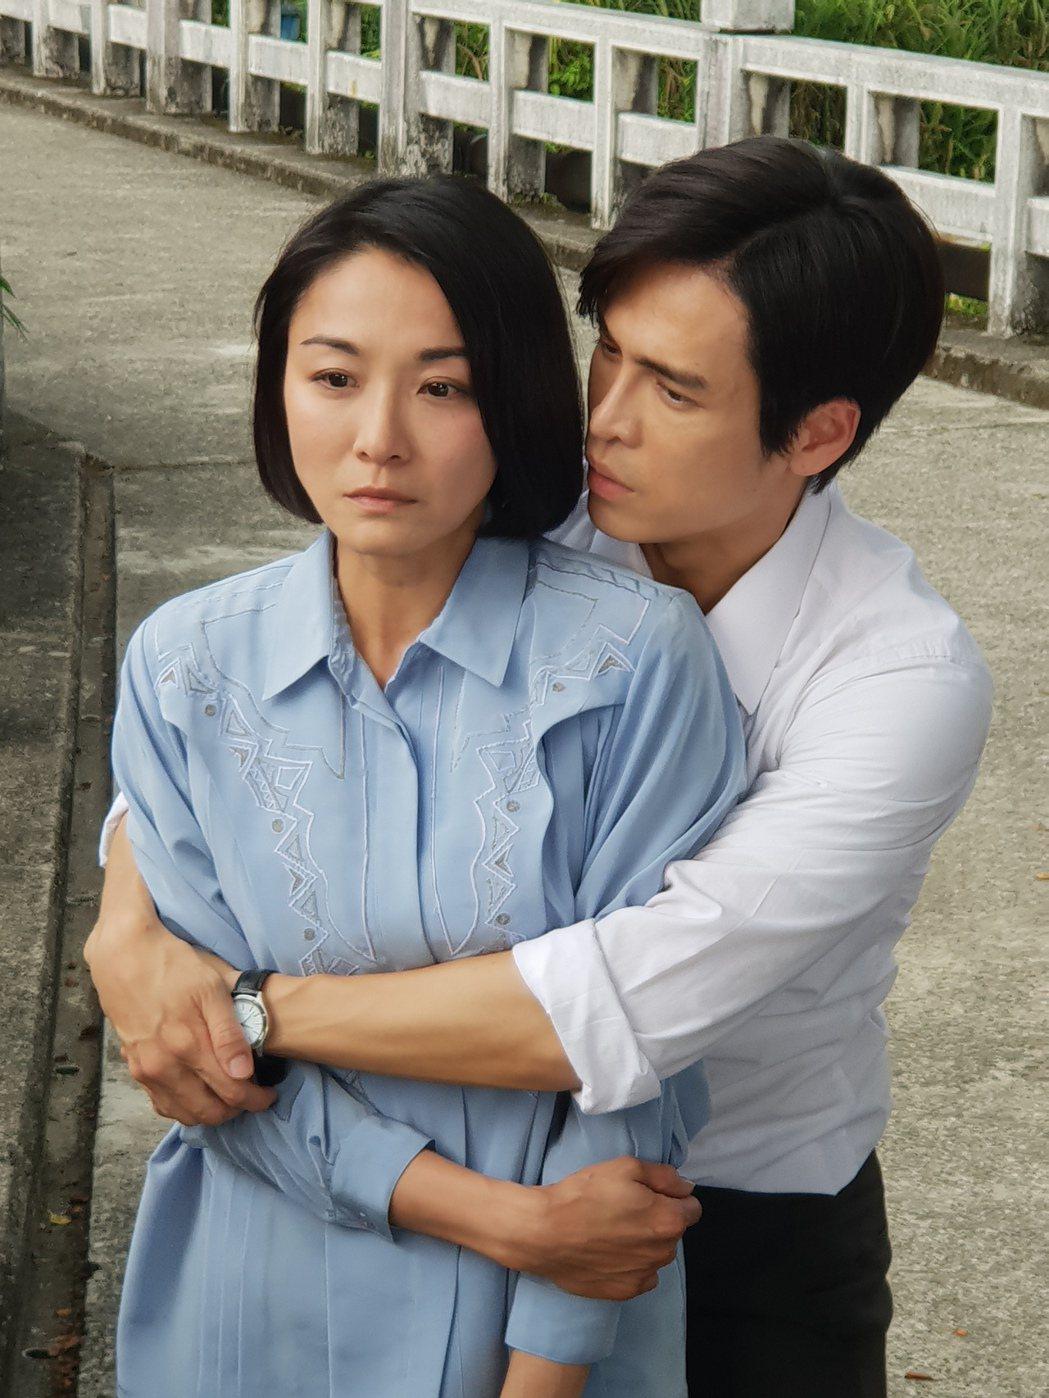 Gino在戲中對妻子江祖平呵護有加,卻又走不出嫉妒心魔。圖/民視提供